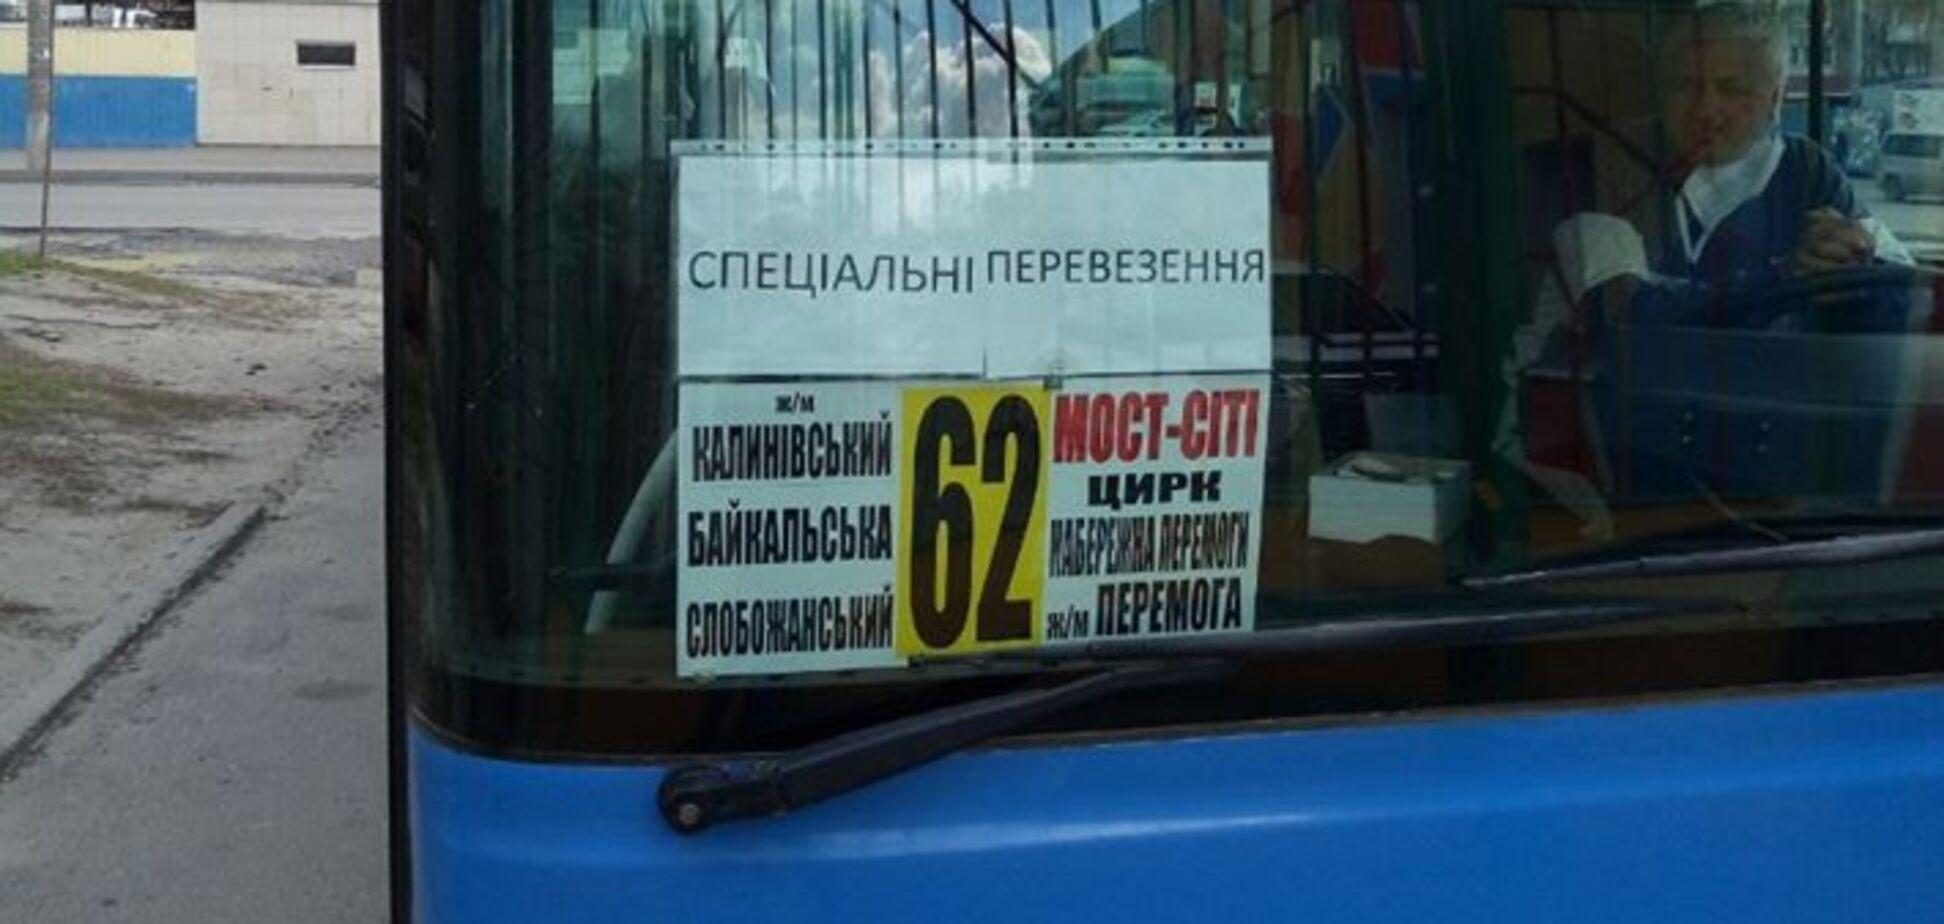 У Дніпрі проїзд у маршрутках злетів у ціні через карантин: у мережі скандал